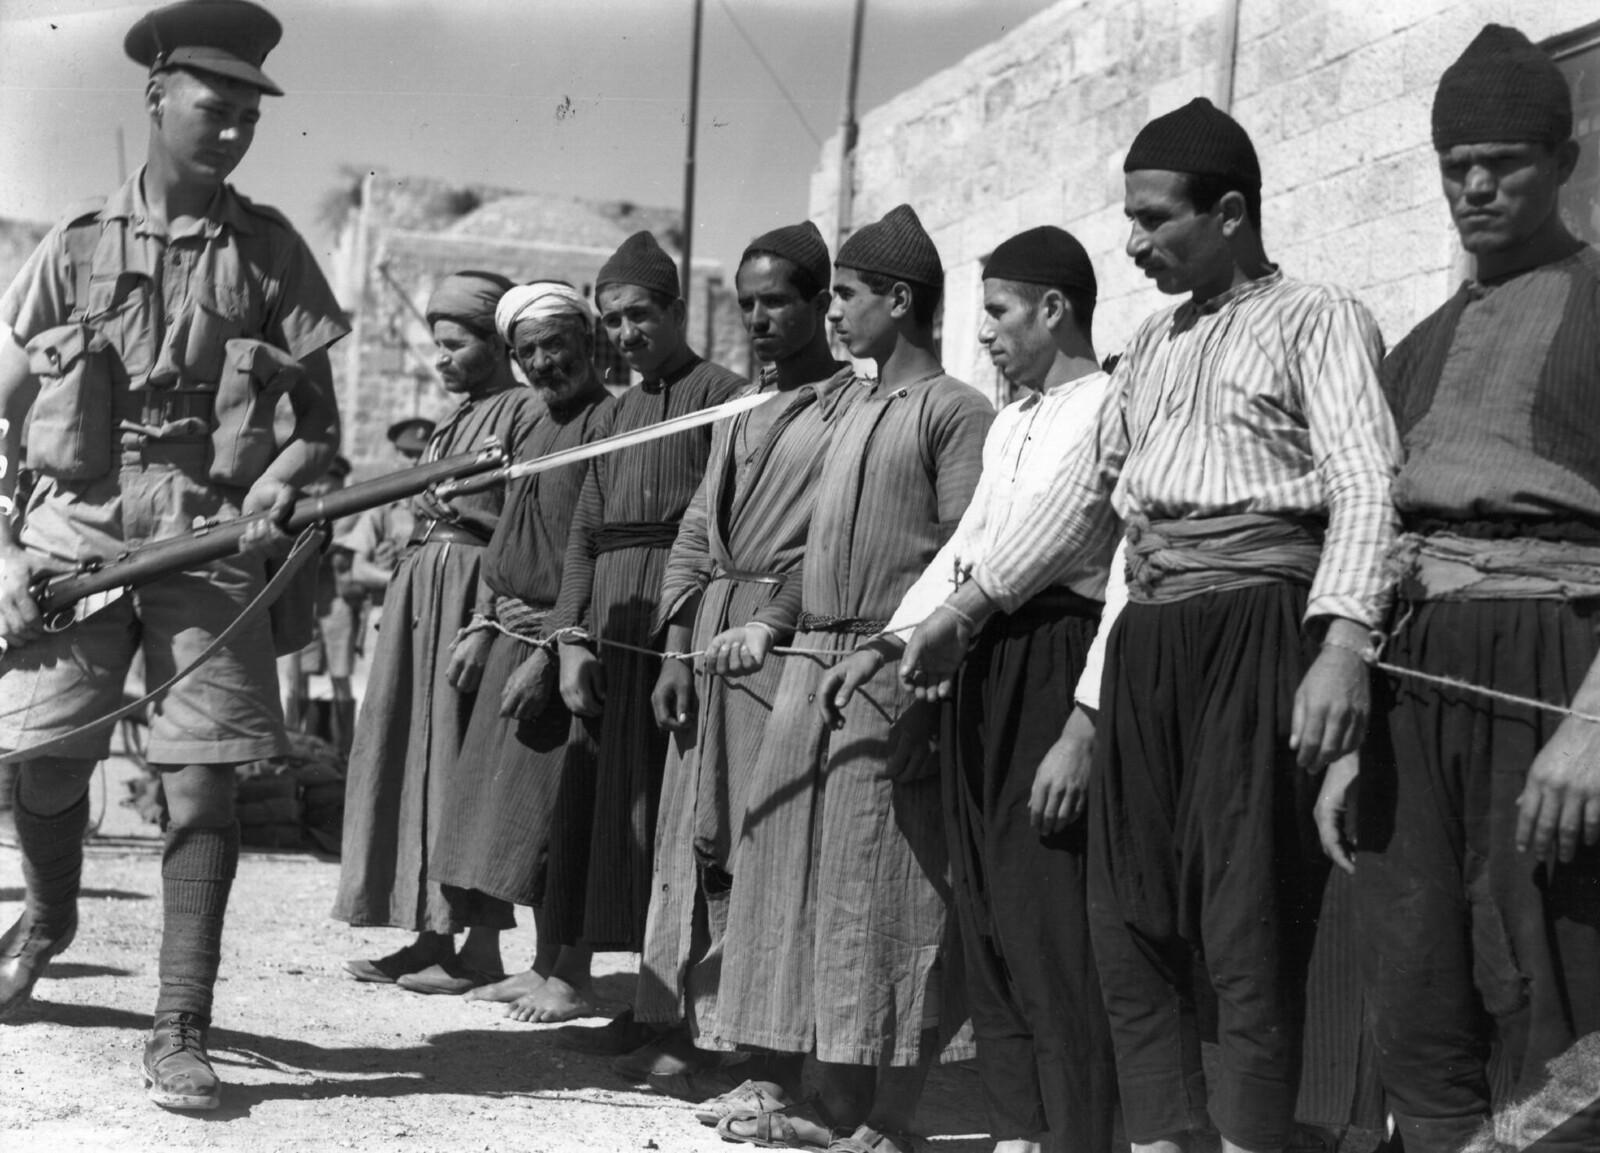 11. 1938. Группу арабских заключенных в Старом городе Иерусалима охраняет солдат, вооруженный винтовкой и штыком. 26 октября